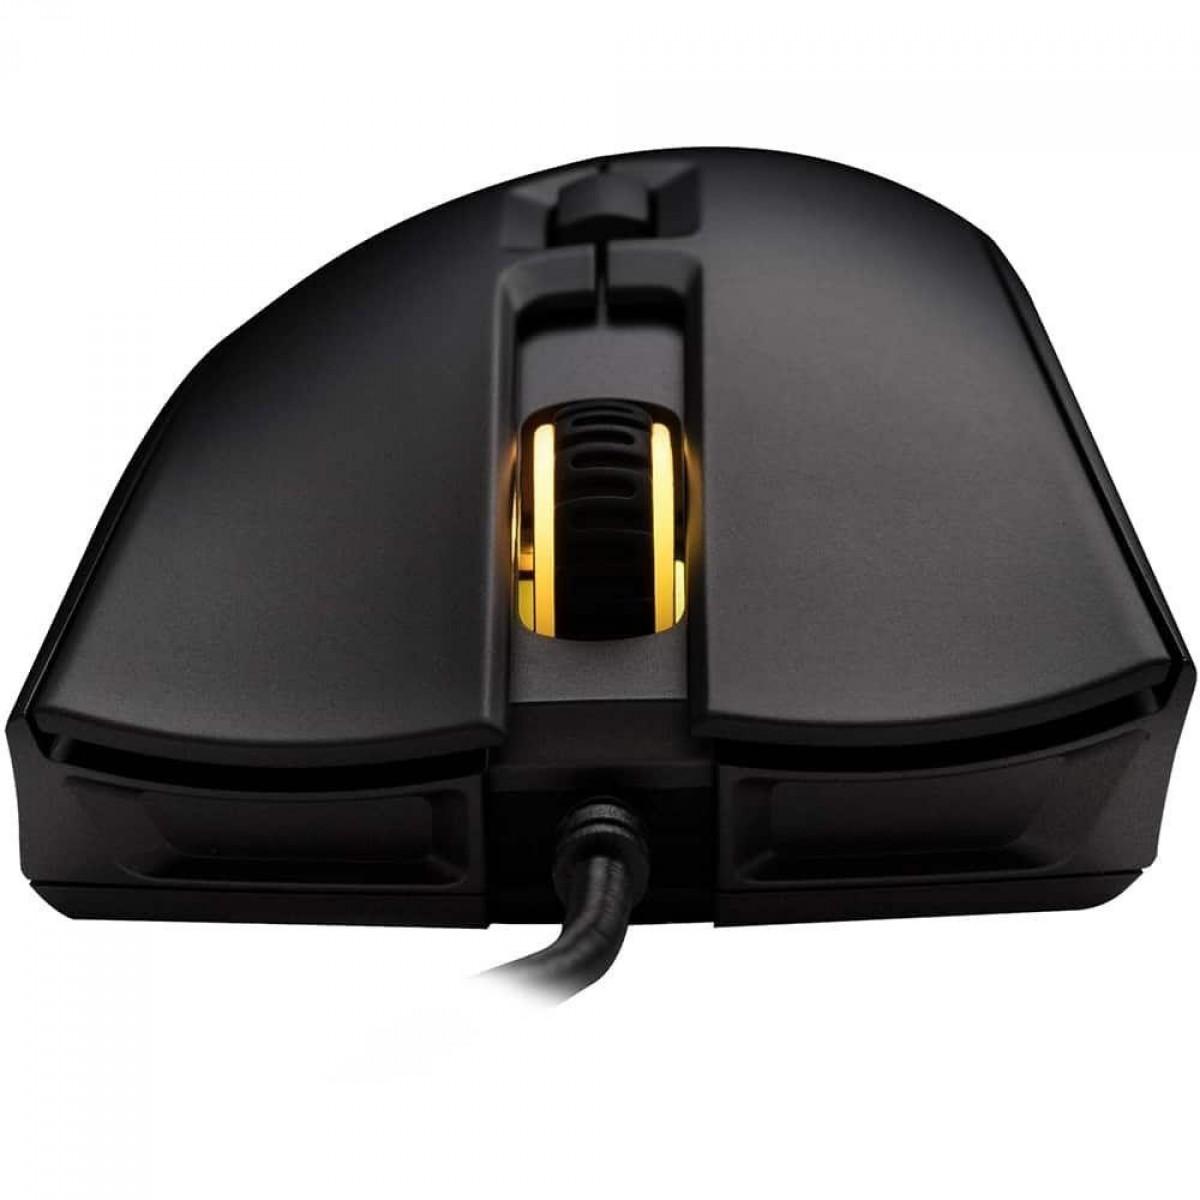 Mouse Gamer HyperX Pulsefire FPS PRO, RGB, 16000 DPI, 6 Botões, USB, Black, HX-MC003B